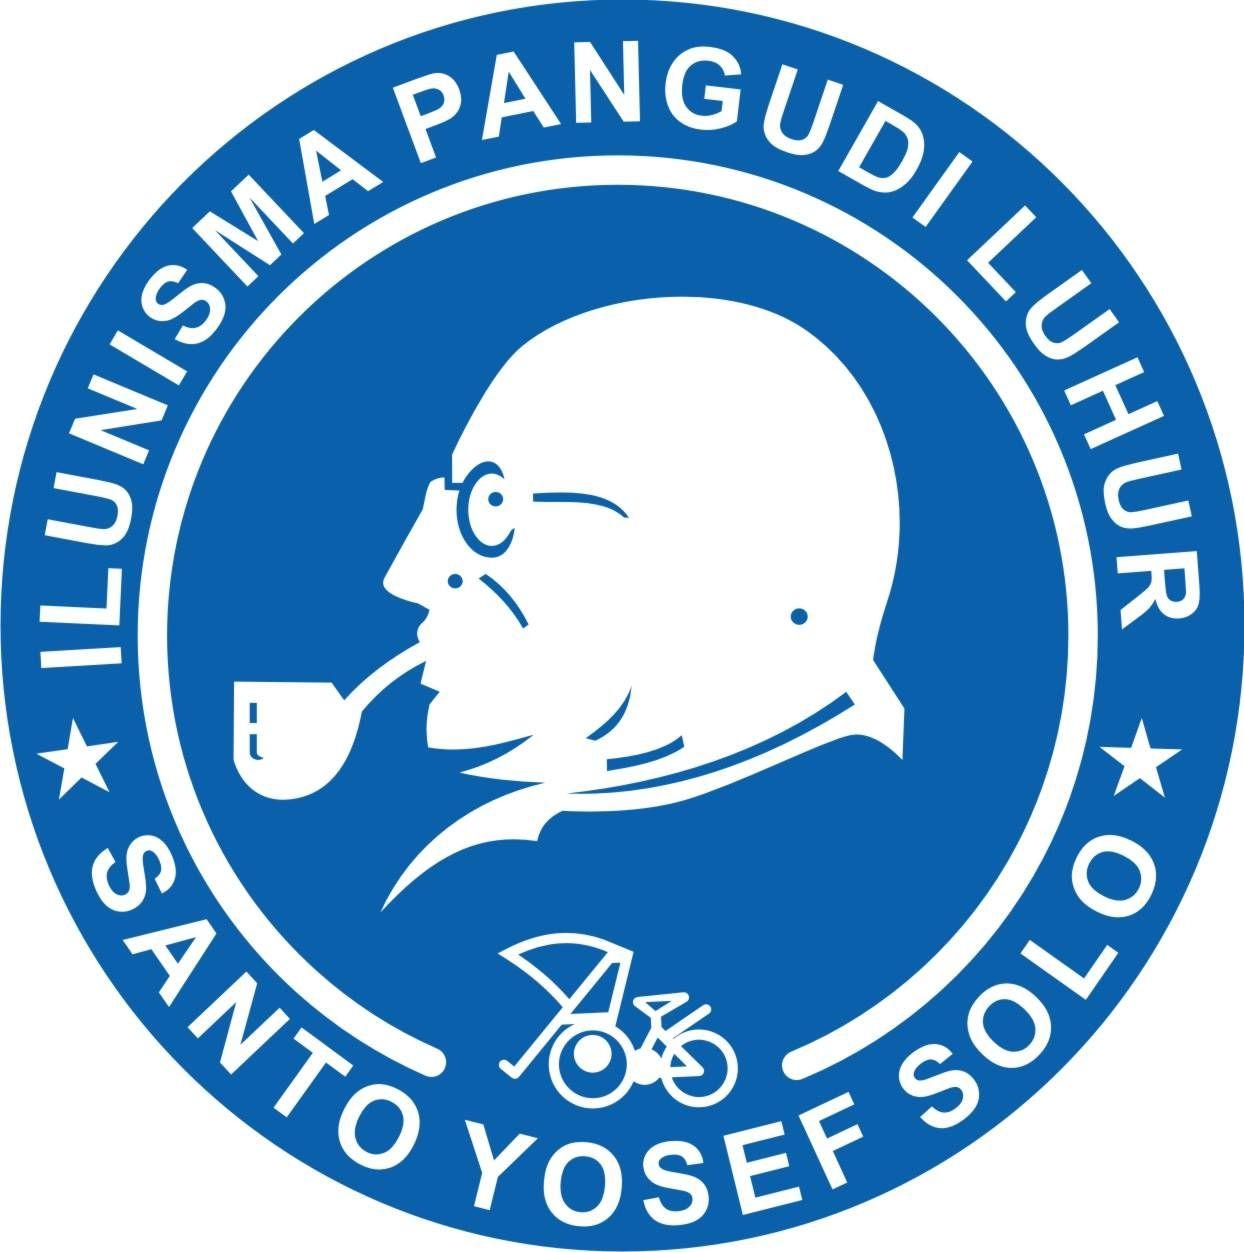 , Logo Fti Uksw, Carles Pen, Carles Pen